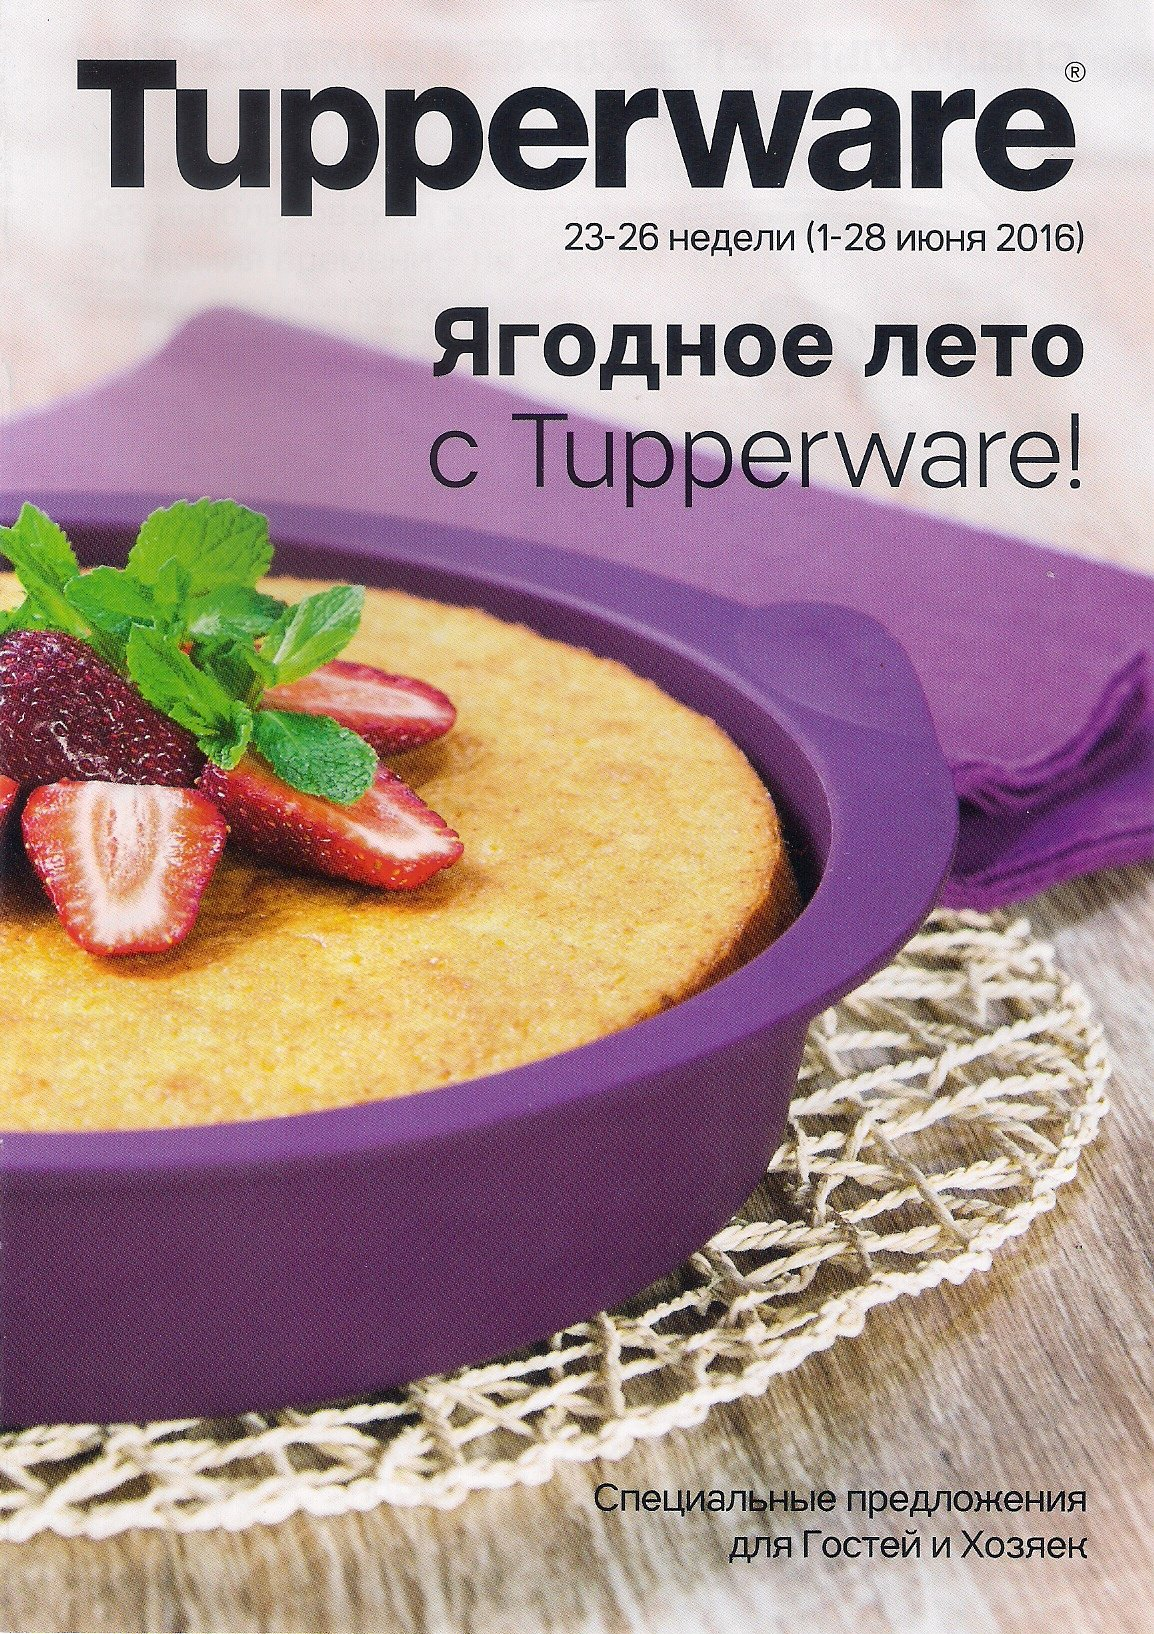 https://tupperware-online.ru/images/upload/s1.jpg